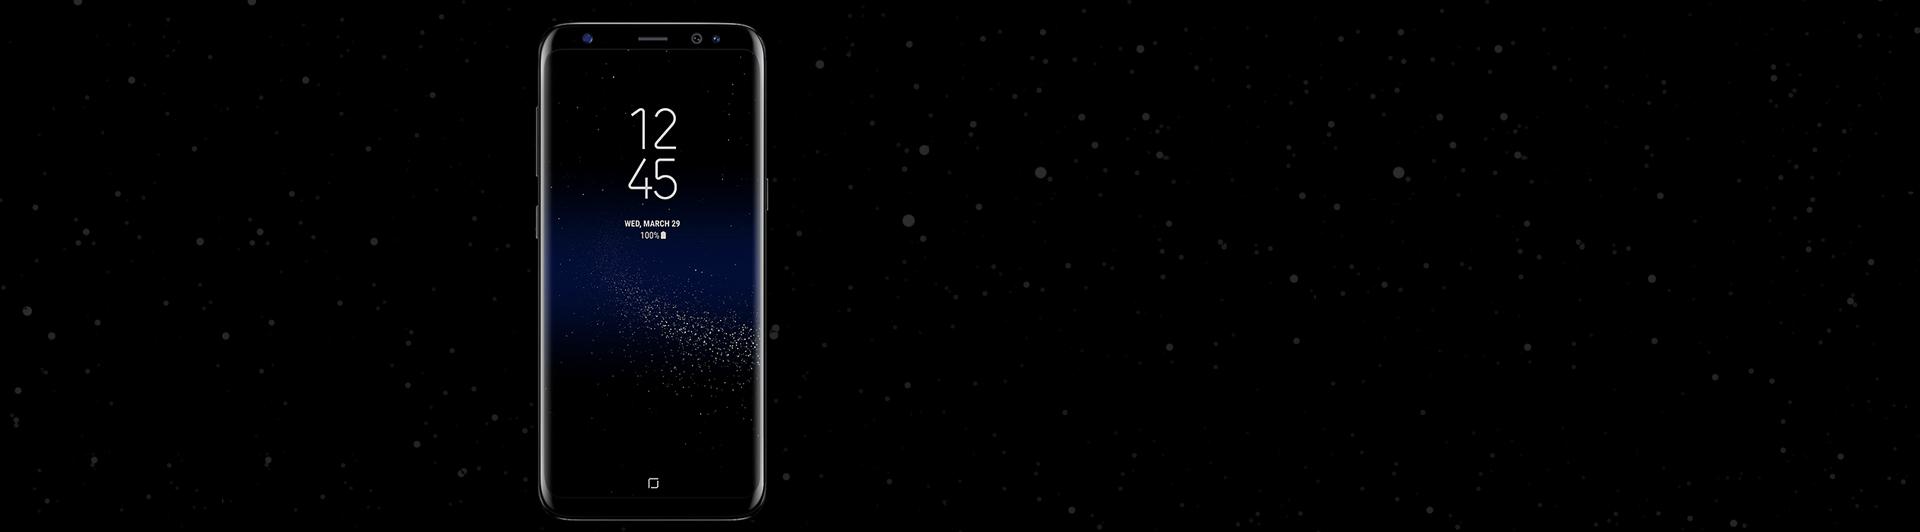 Điện thoại Samsung Galaxy S8 đen chính hãng giá tốt tại Nguyễn Kim